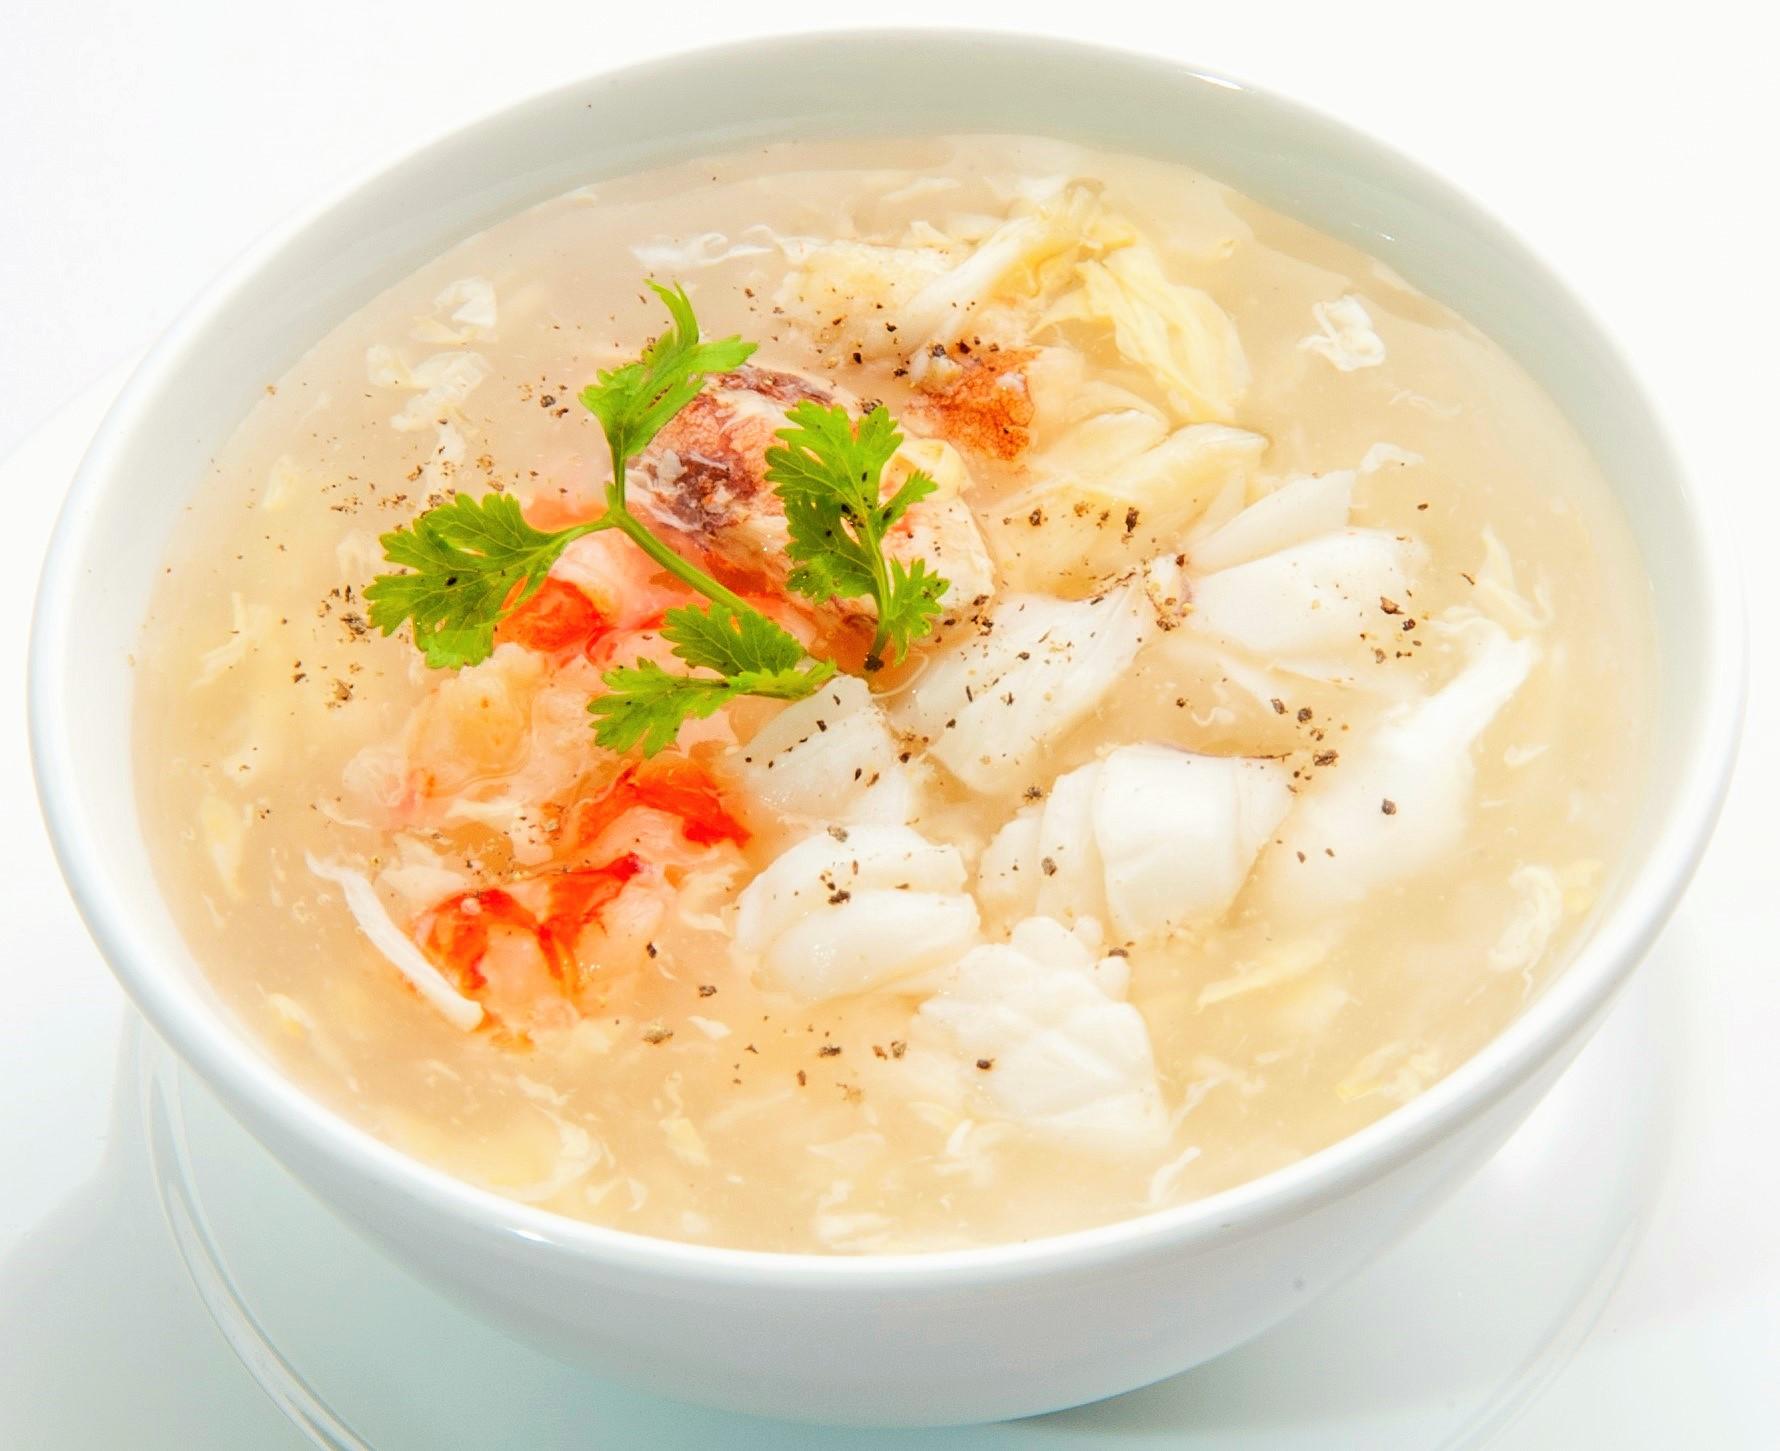 Súp là món ăn giàu dinh dưỡng và dễ tiêu hóa. Khi bị đau dạ dày, chỉ cần ăn vài thìa súp sẽ thấy dễ chịu hơn rất nhiều